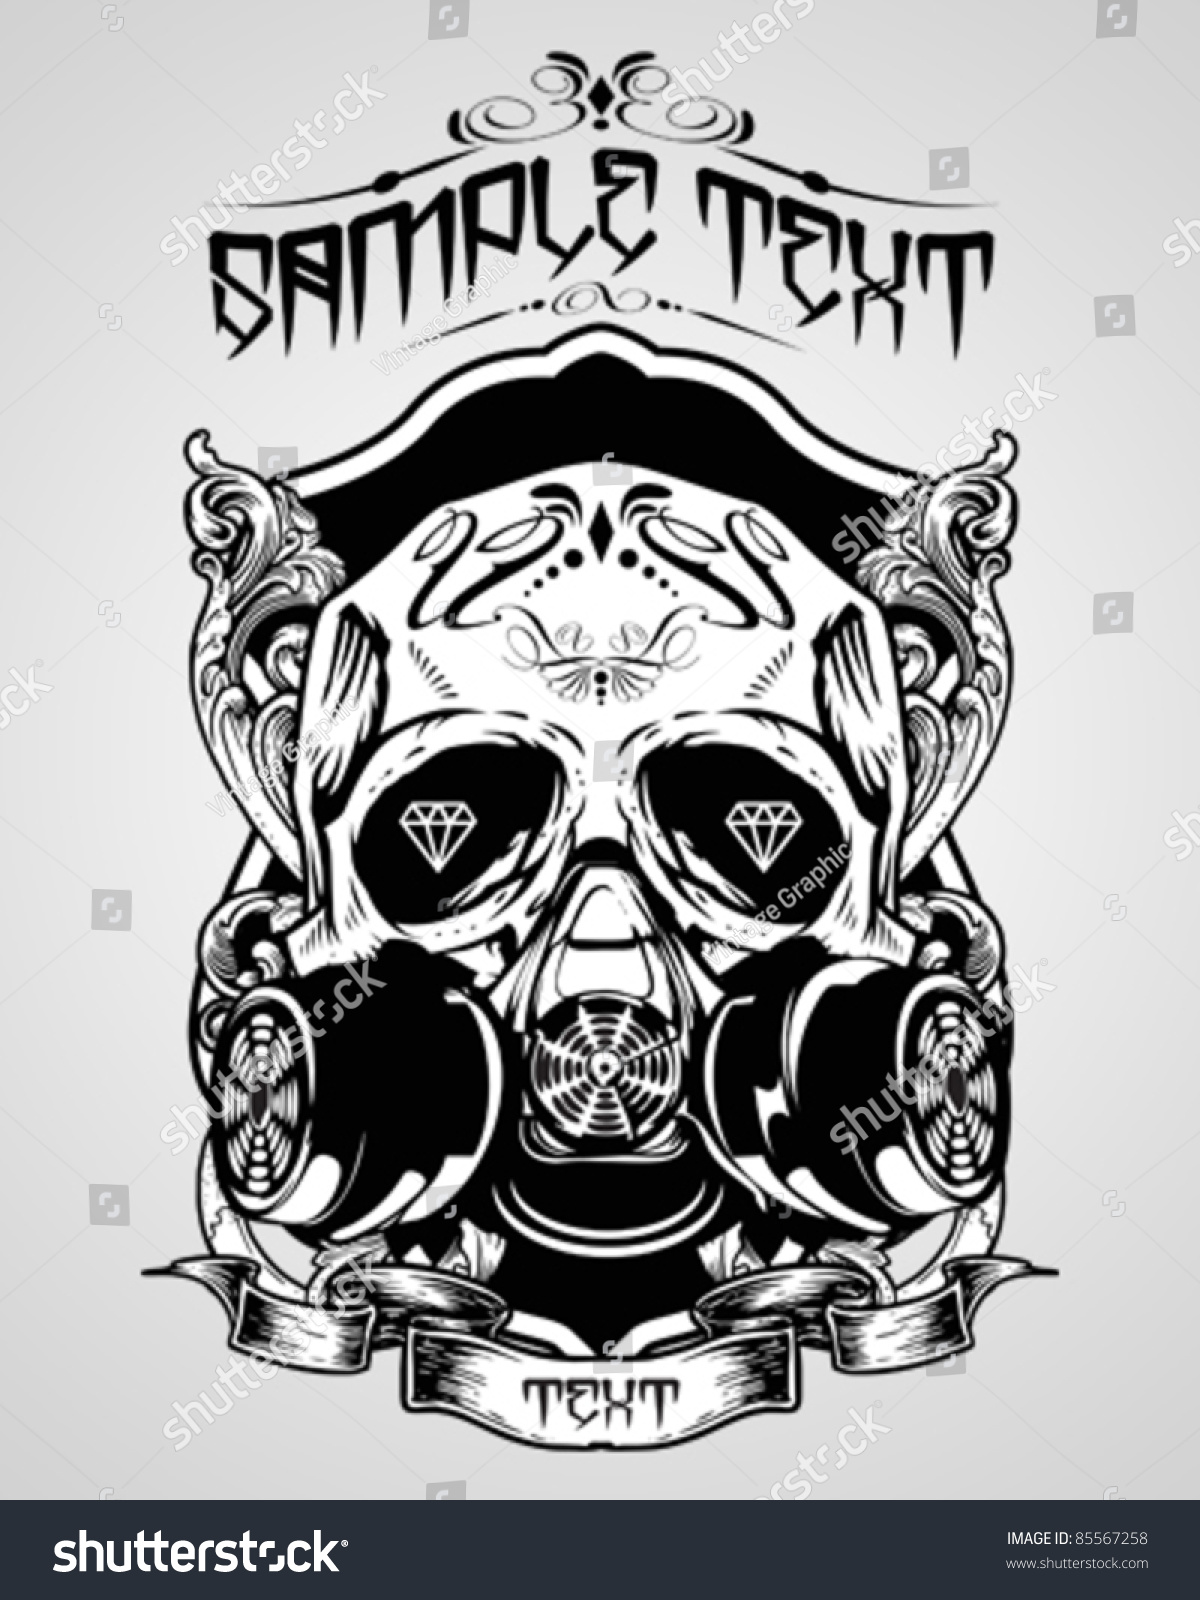 Shirt design vector - Vector Illustration Skull T Shirt Design Logos